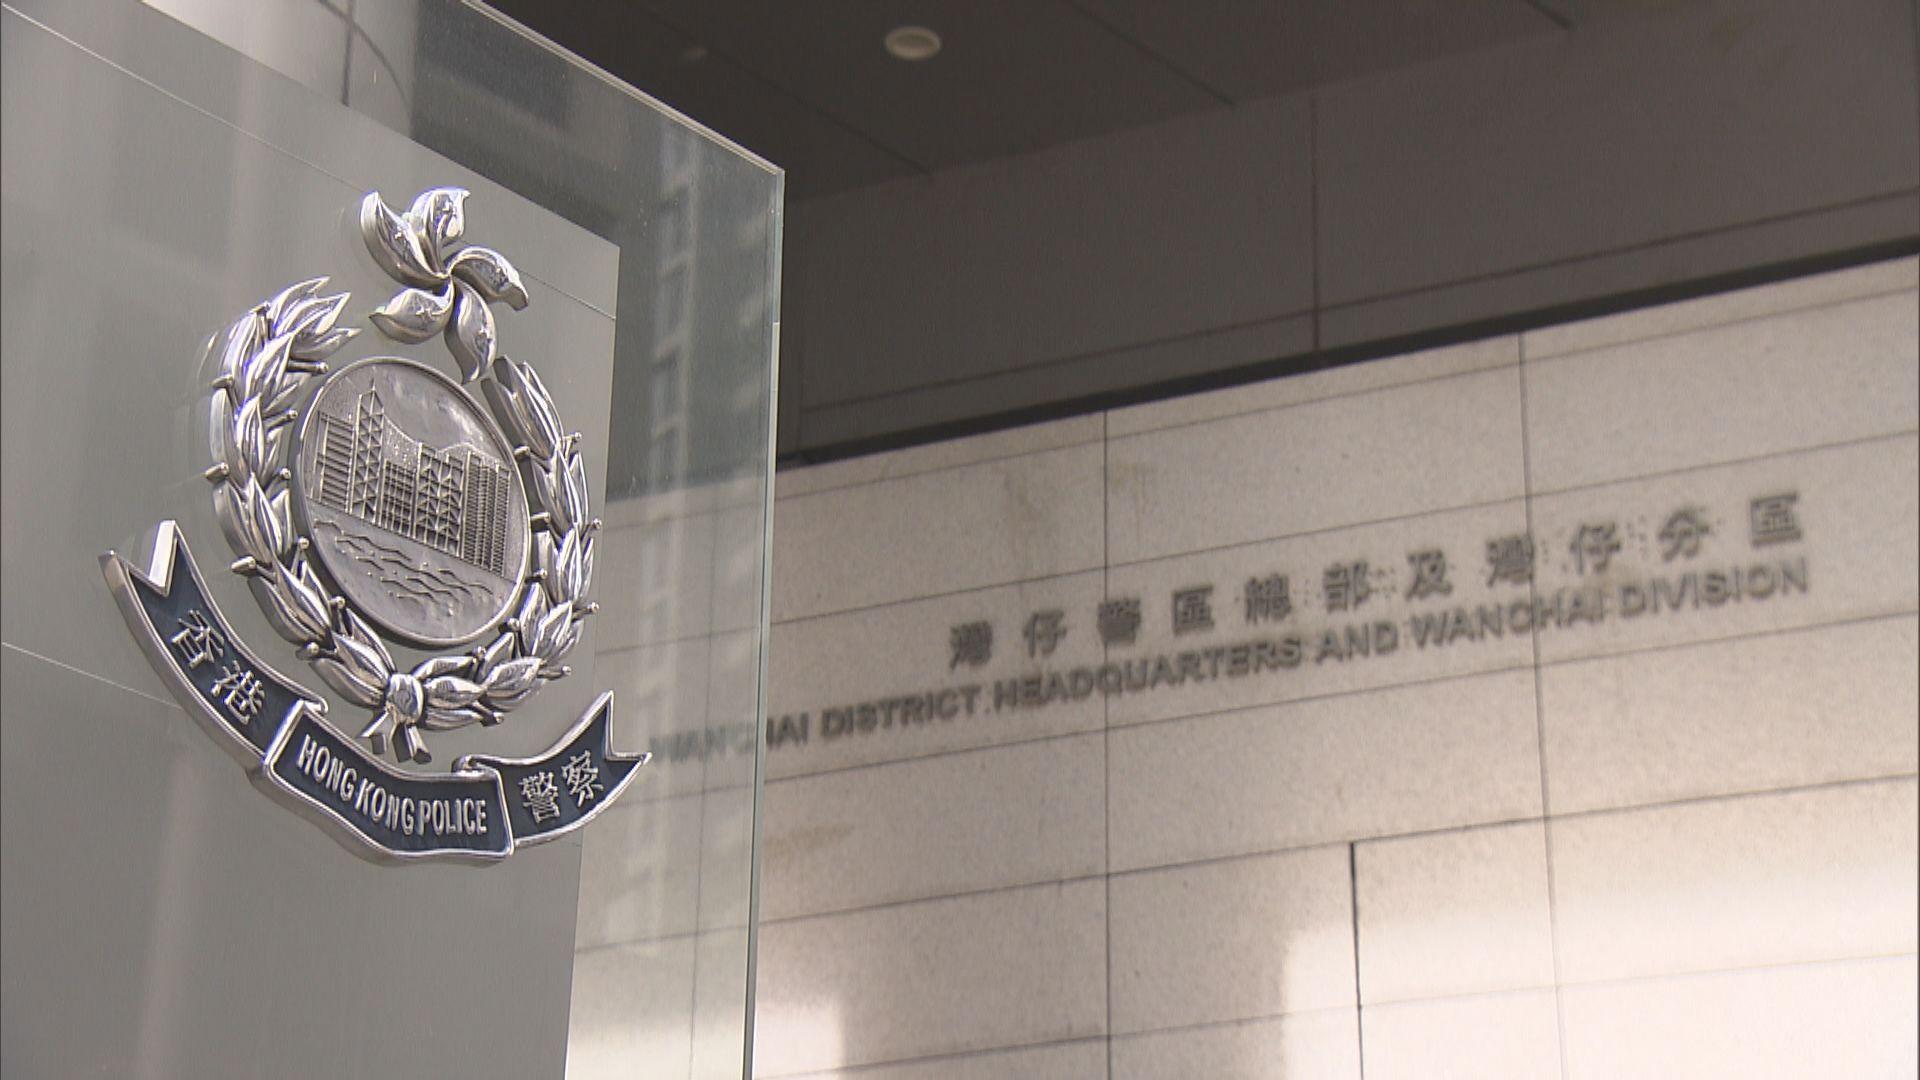 【持續更新】涉嫌去年組織參與民主派初選被捕人士名單 (01:35)